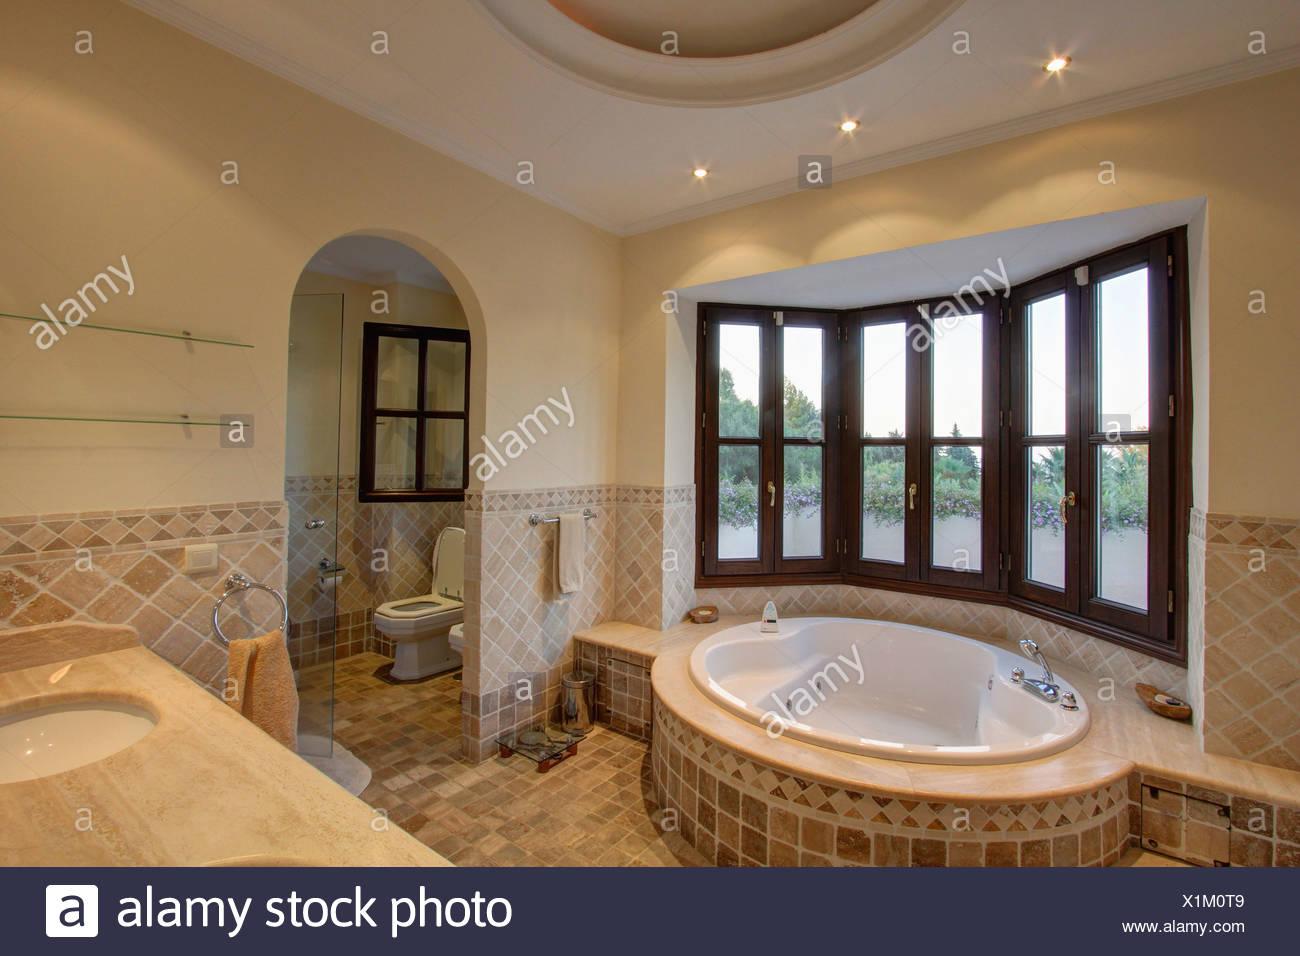 . Oval spa bathtub below bay window in modern Spanish bathroom with